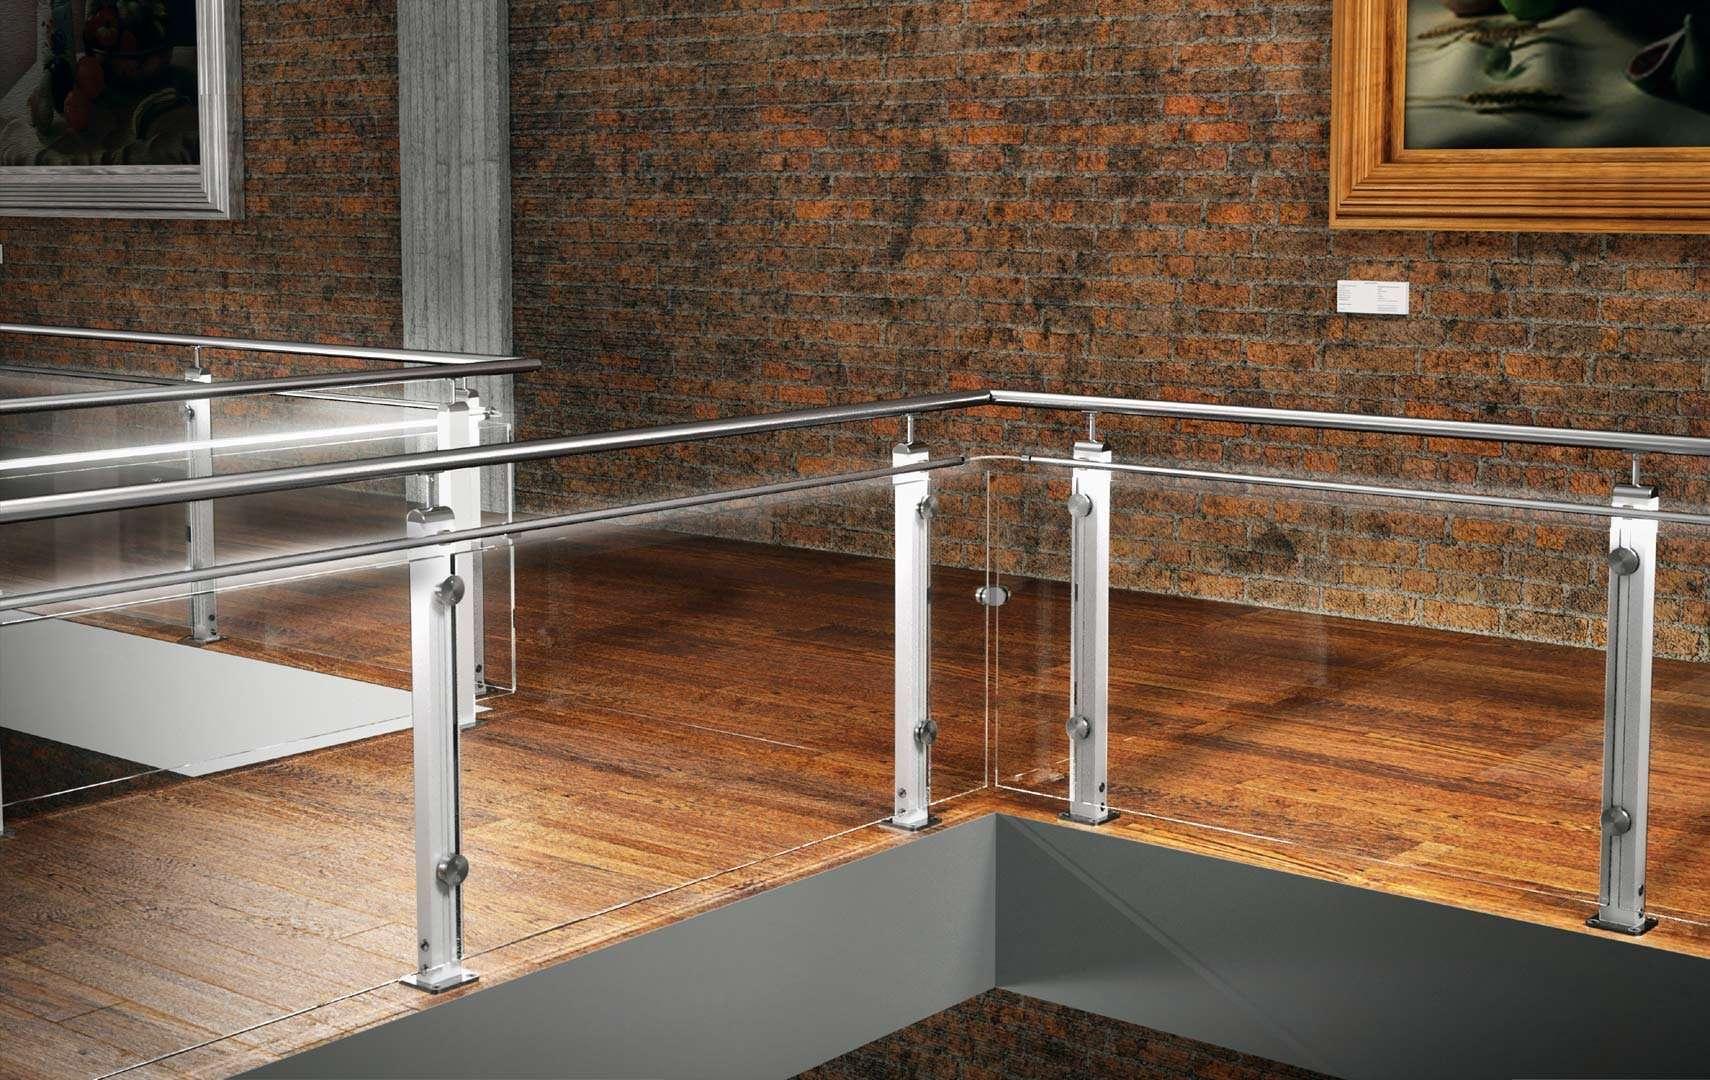 Mast ringhiere per scale interne le puoi trovare in - Ringhiere in vetro per scale interne prezzi ...